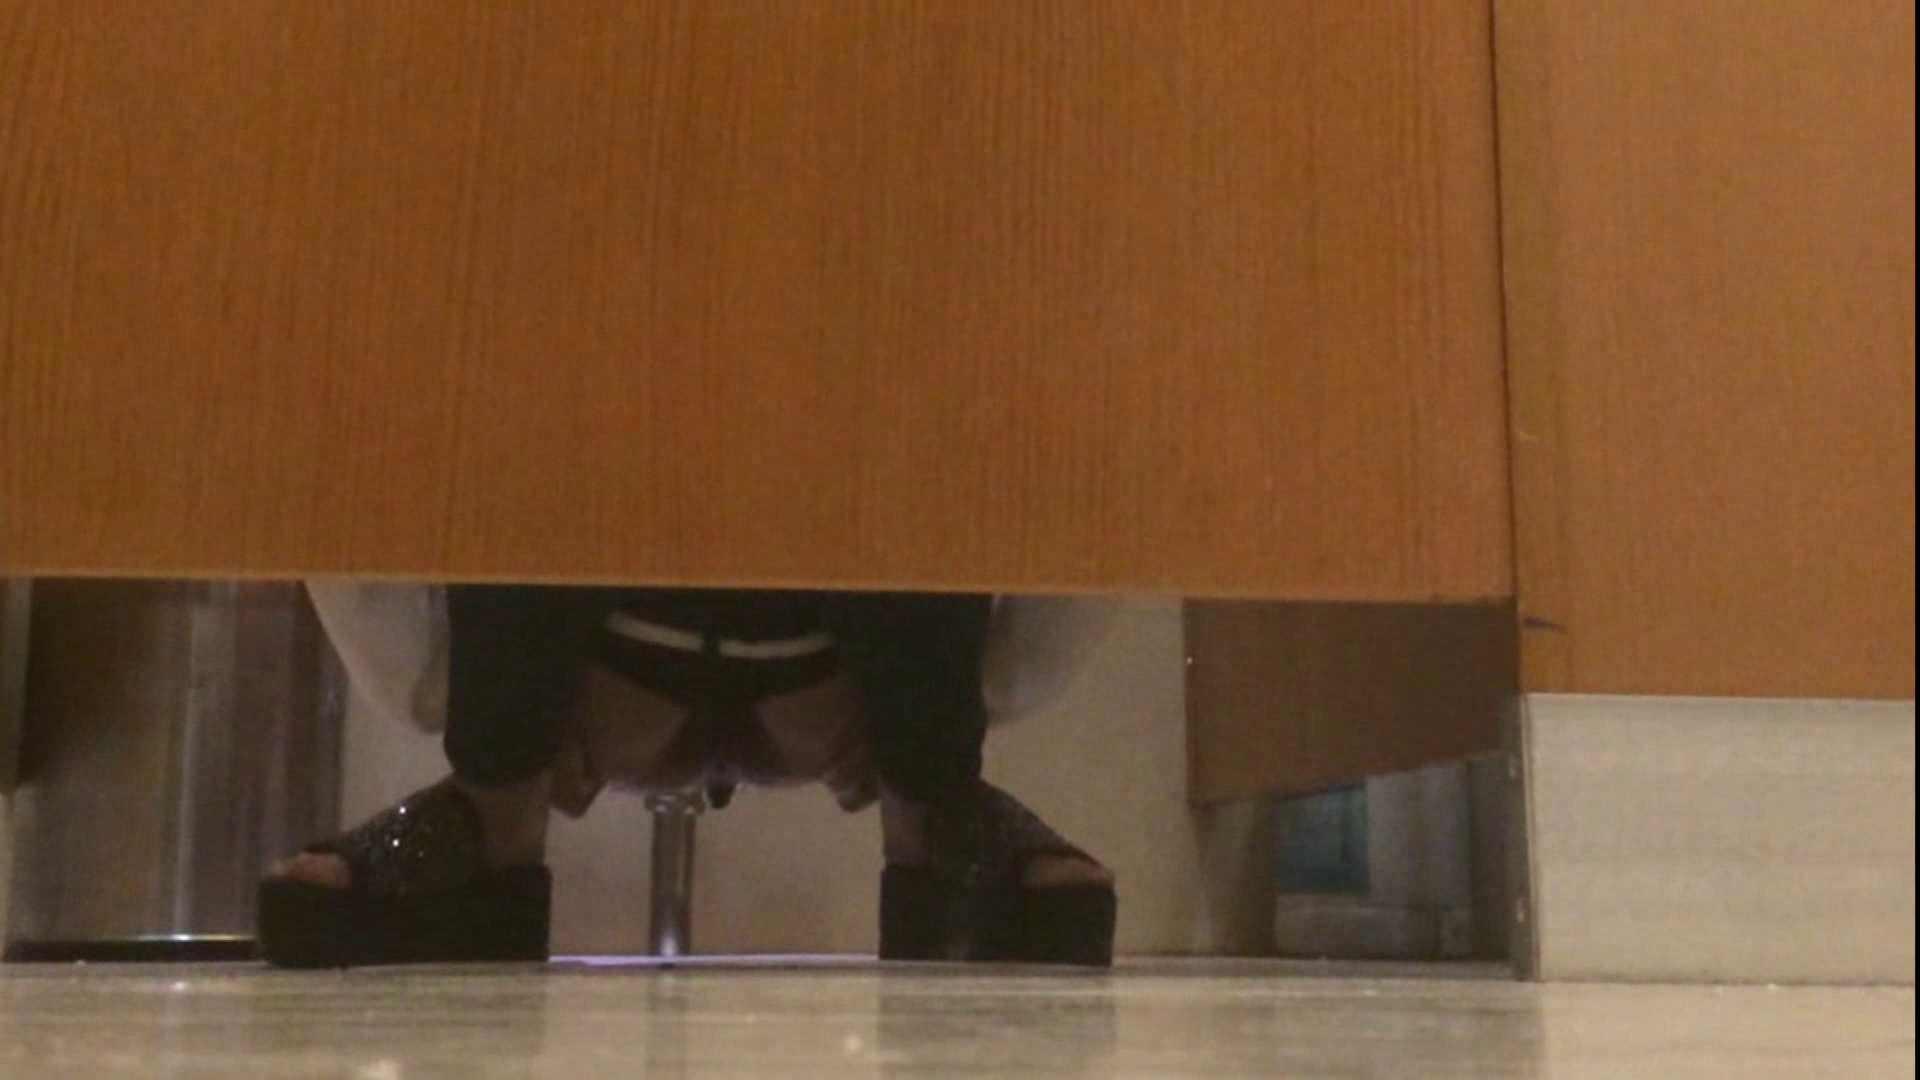 「噂」の国の厠観察日記2 Vol.14 厠 盗み撮りオマンコ動画キャプチャ 61画像 23